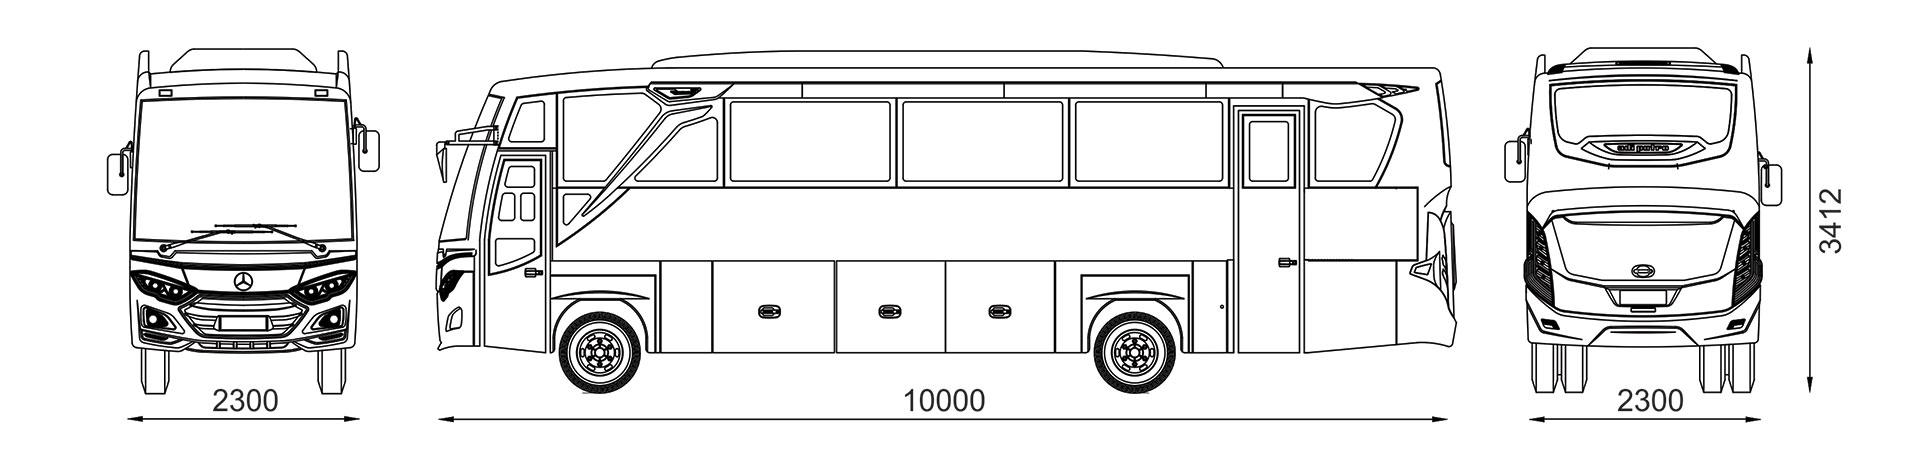 DIMENSI JETBUS 3+ MD 2300